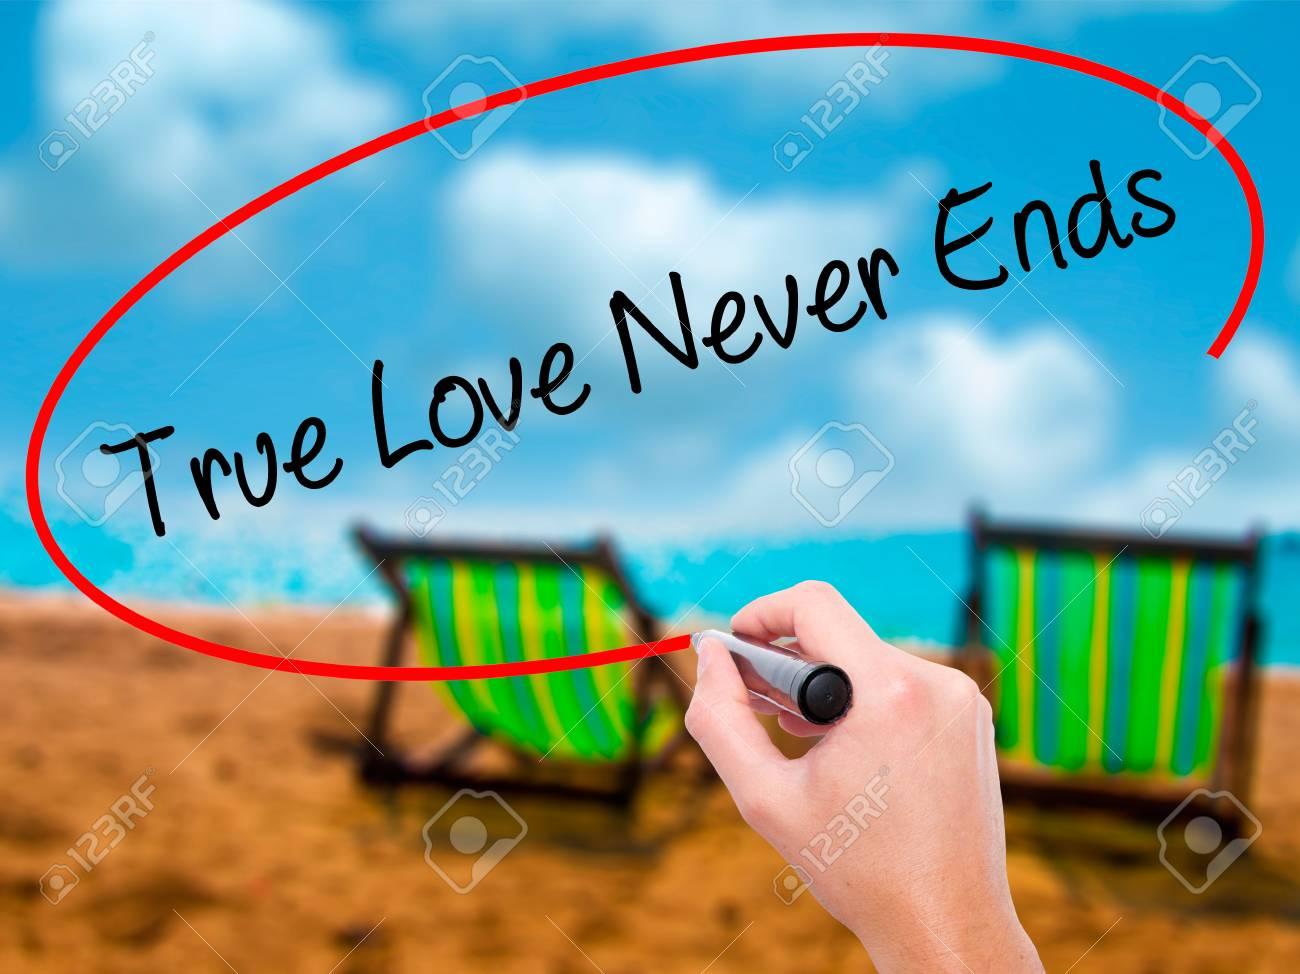 Man Hand Schrijven True Love Never Ends Met Zwarte Stift Op Visuele